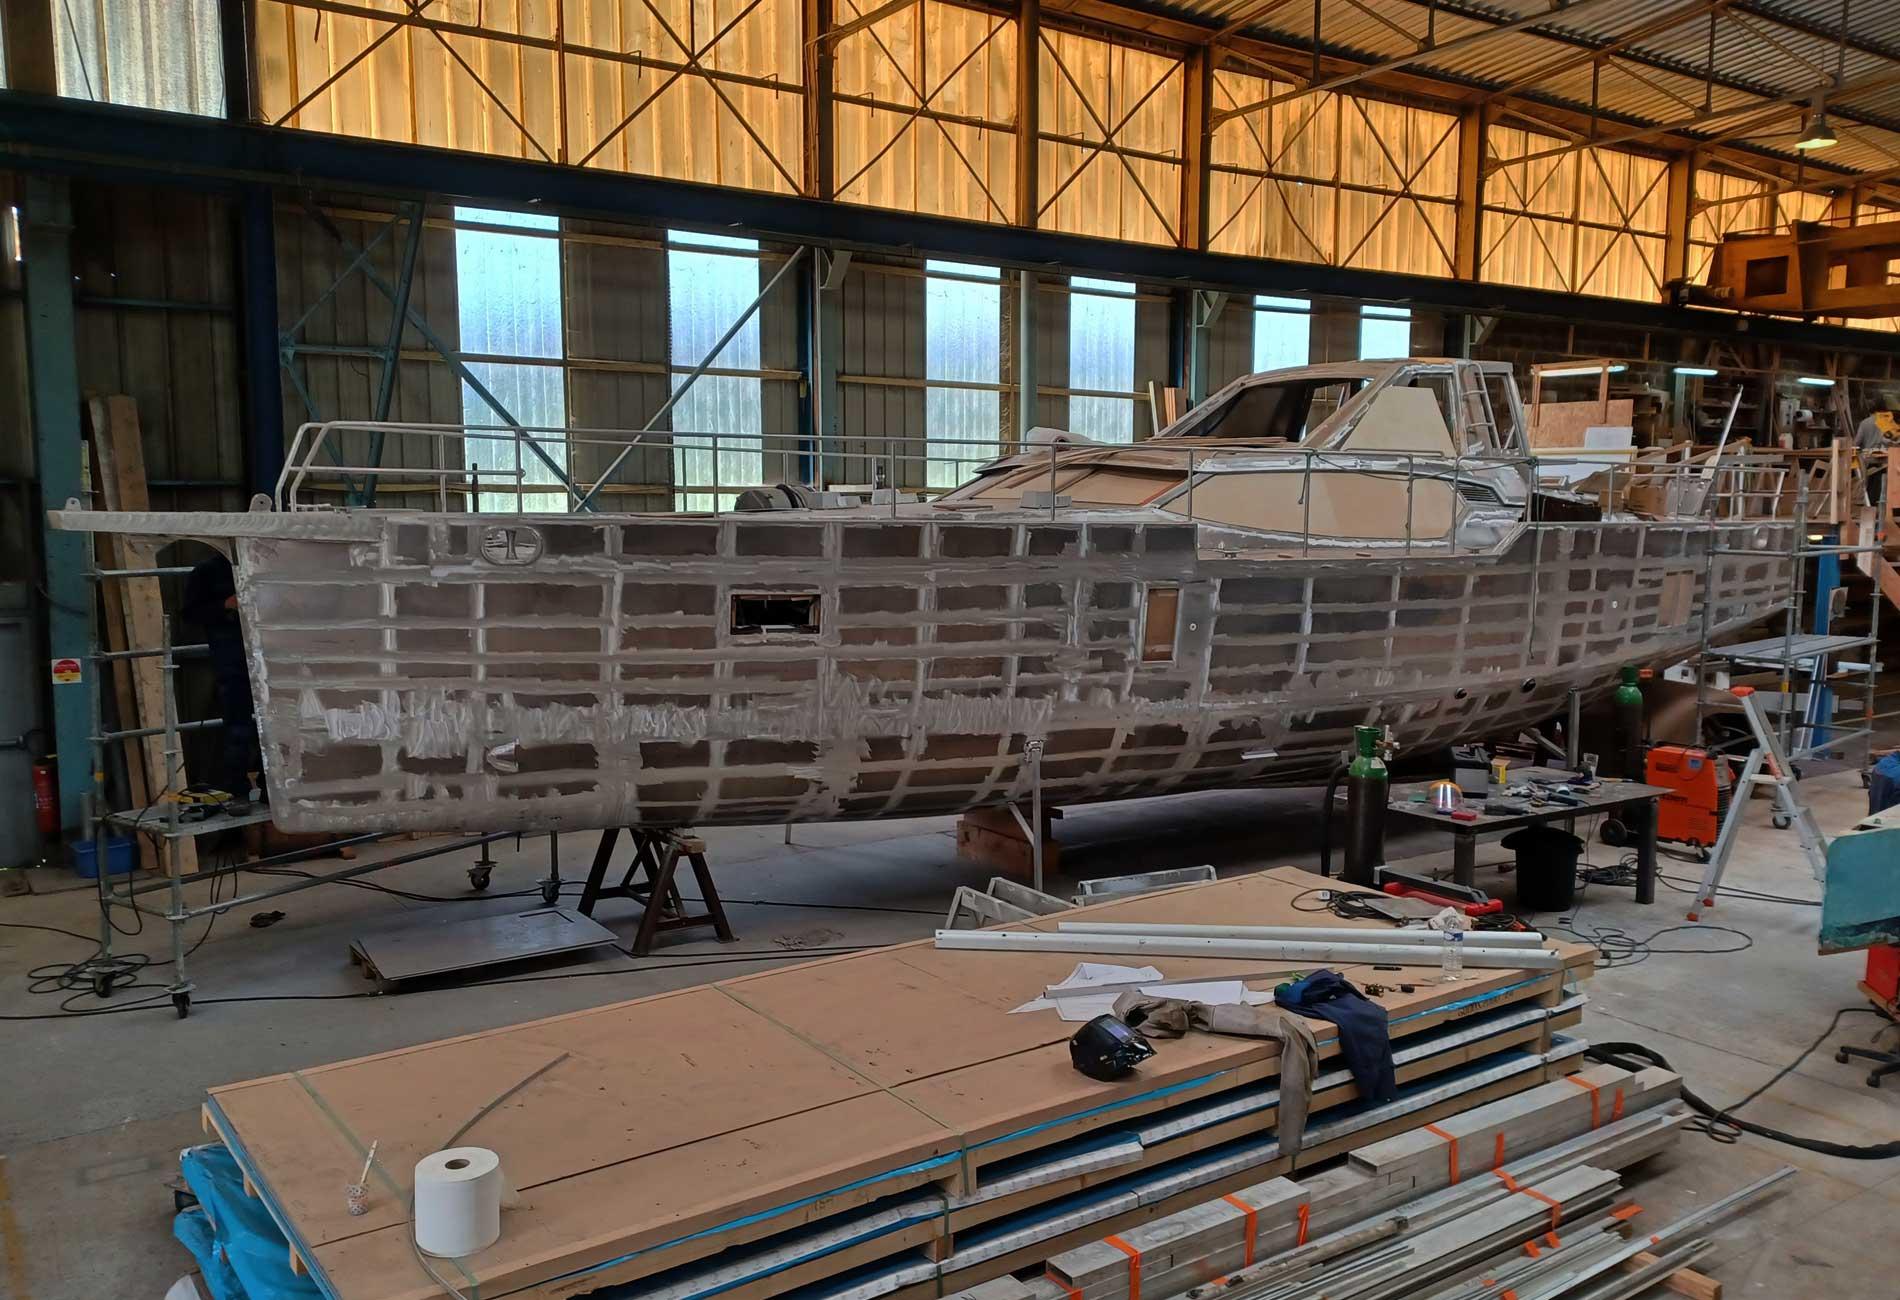 DG52-Voilier-sur-mesure-chaudronnerie-custom-made-Vincent-Lebailly-architecte-naval